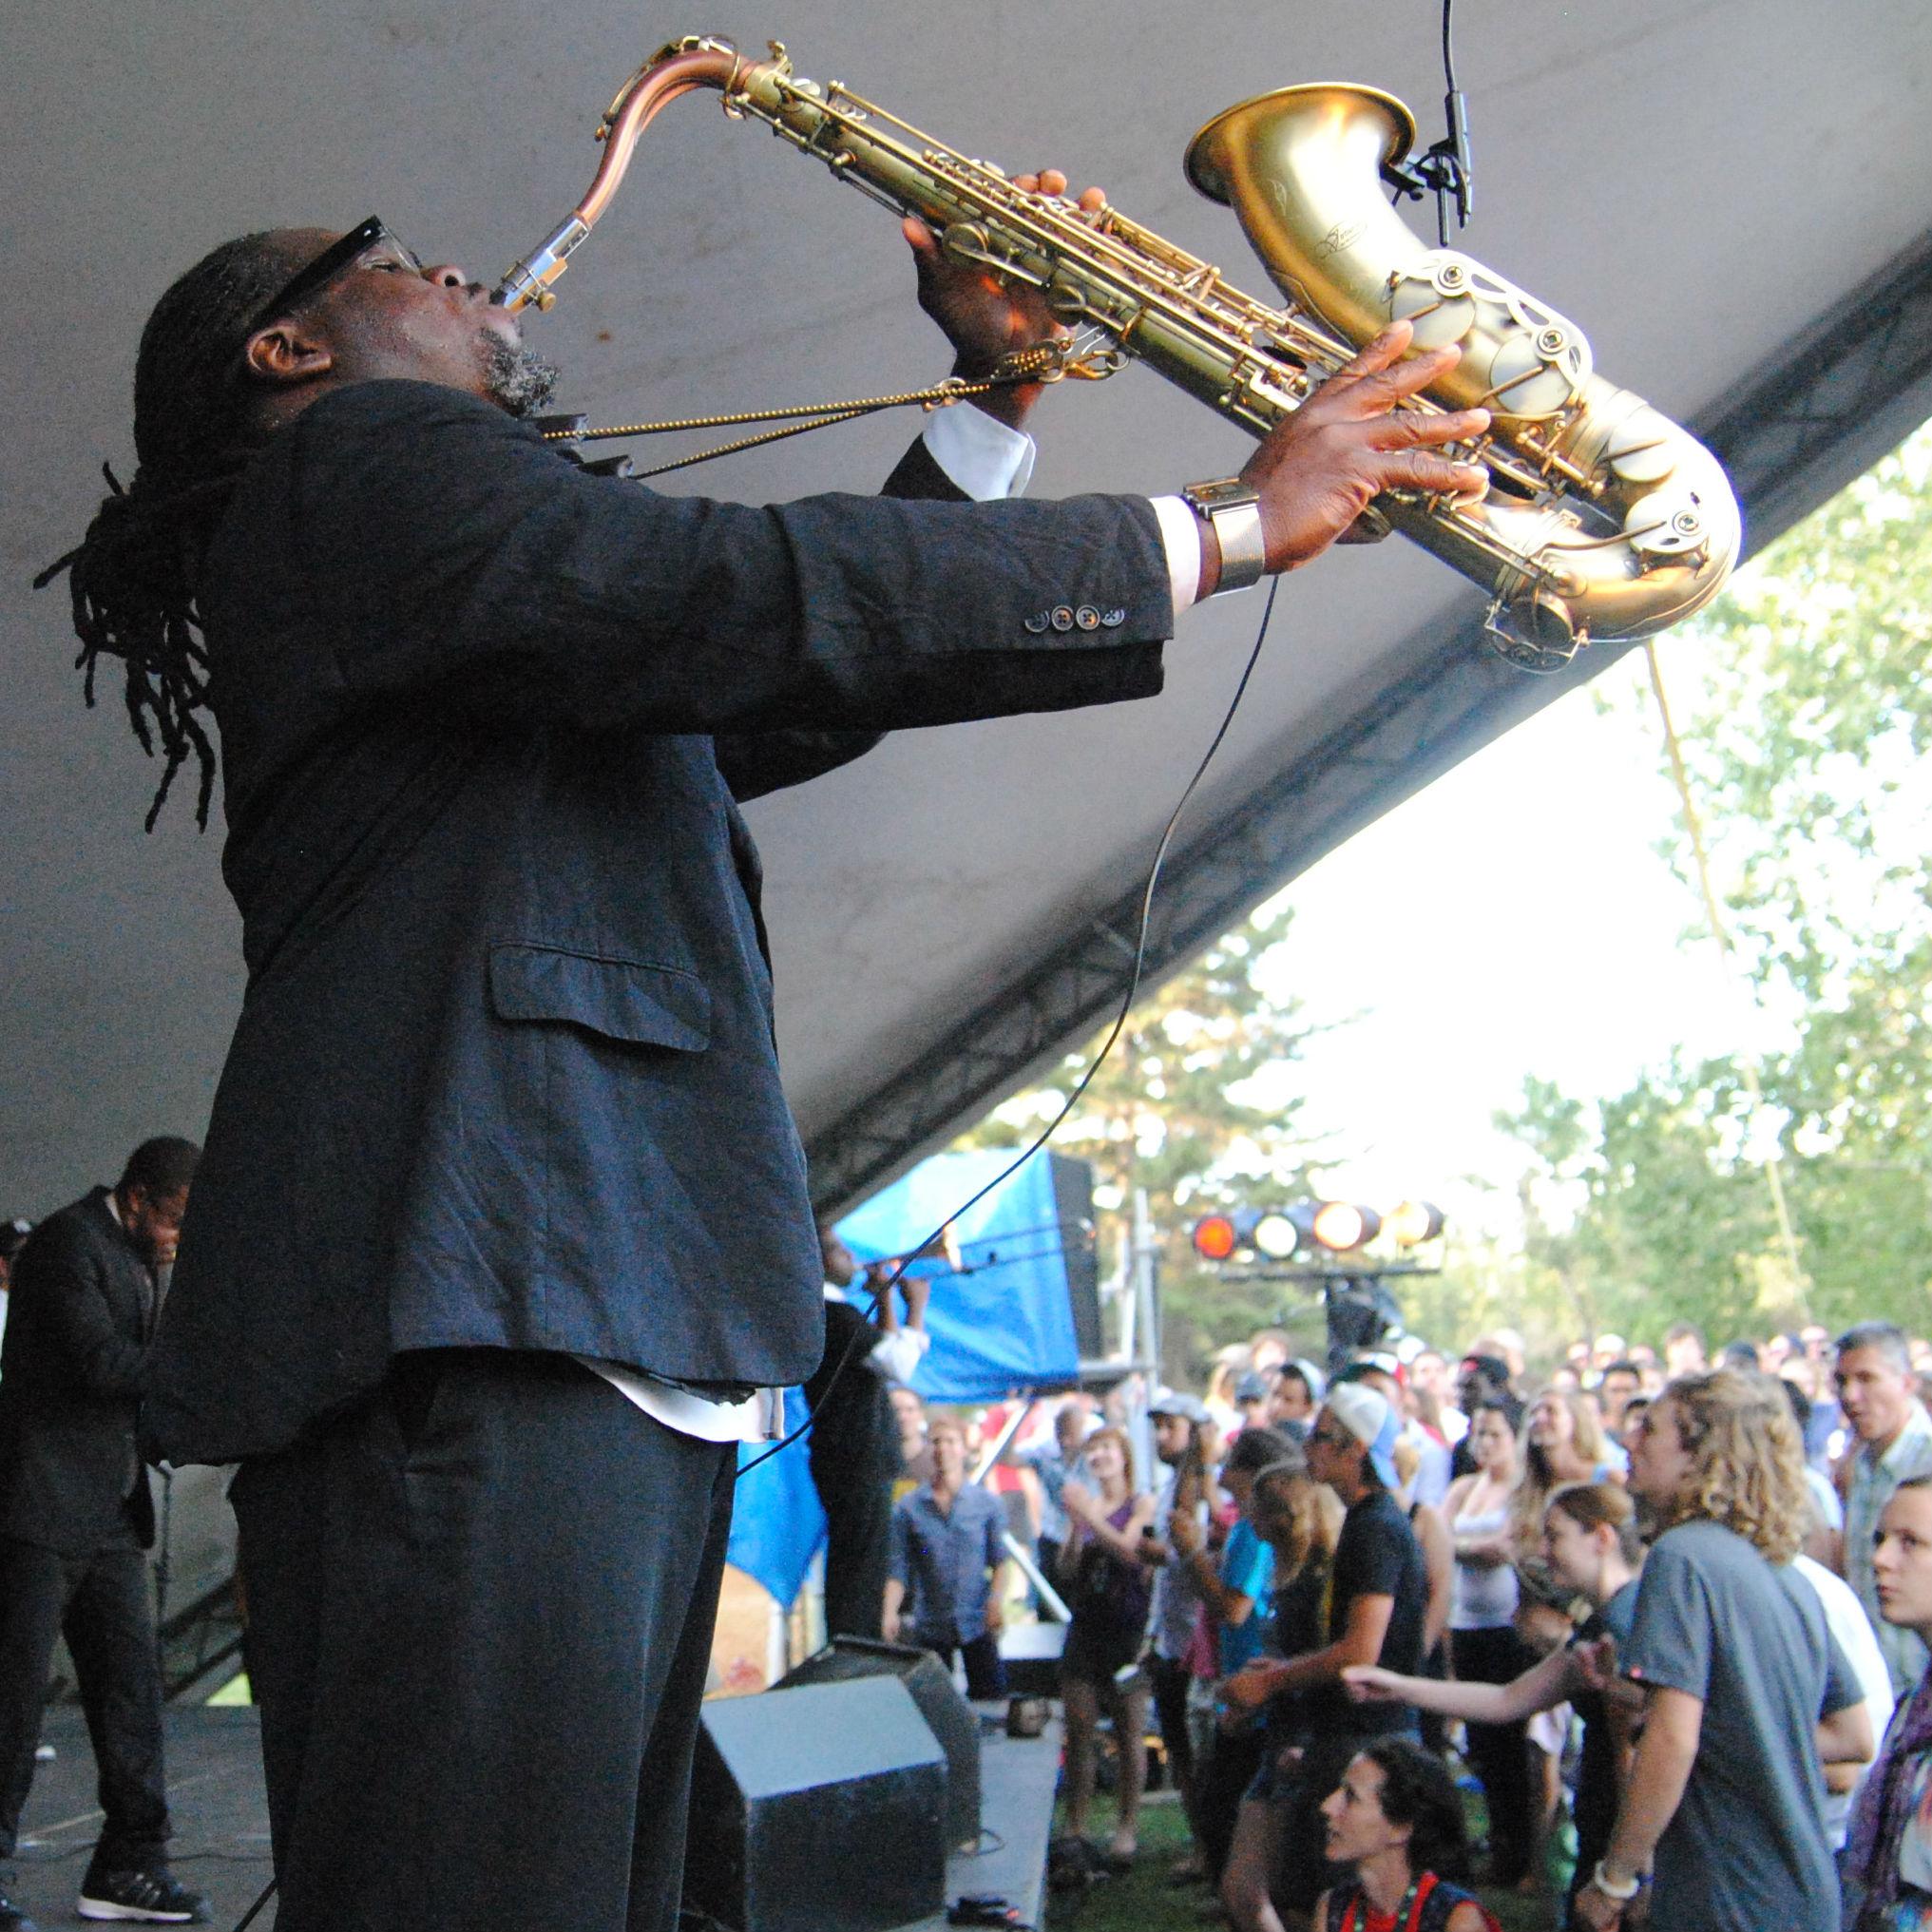 Calgary Folk Festival 2012 Day Two Recap and Photos